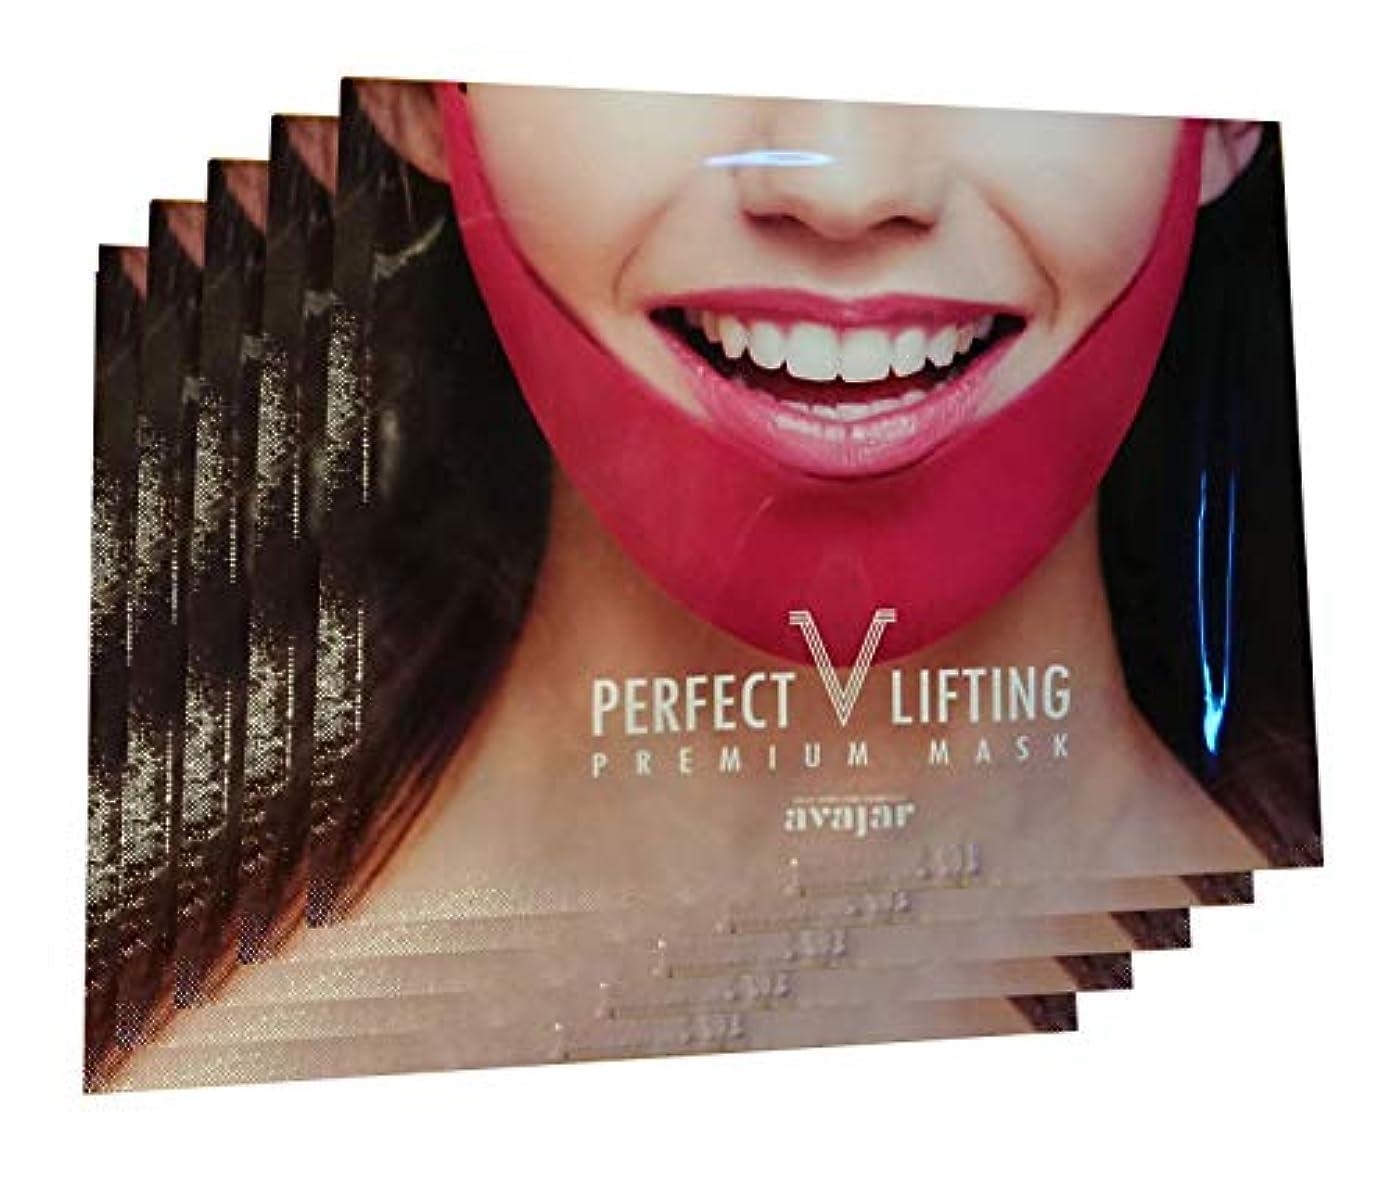 放射能埋め込むピクニックをするAvajar 小顔効果と顎ラインを取り戻す! パーフェクトVリフティング 1パック